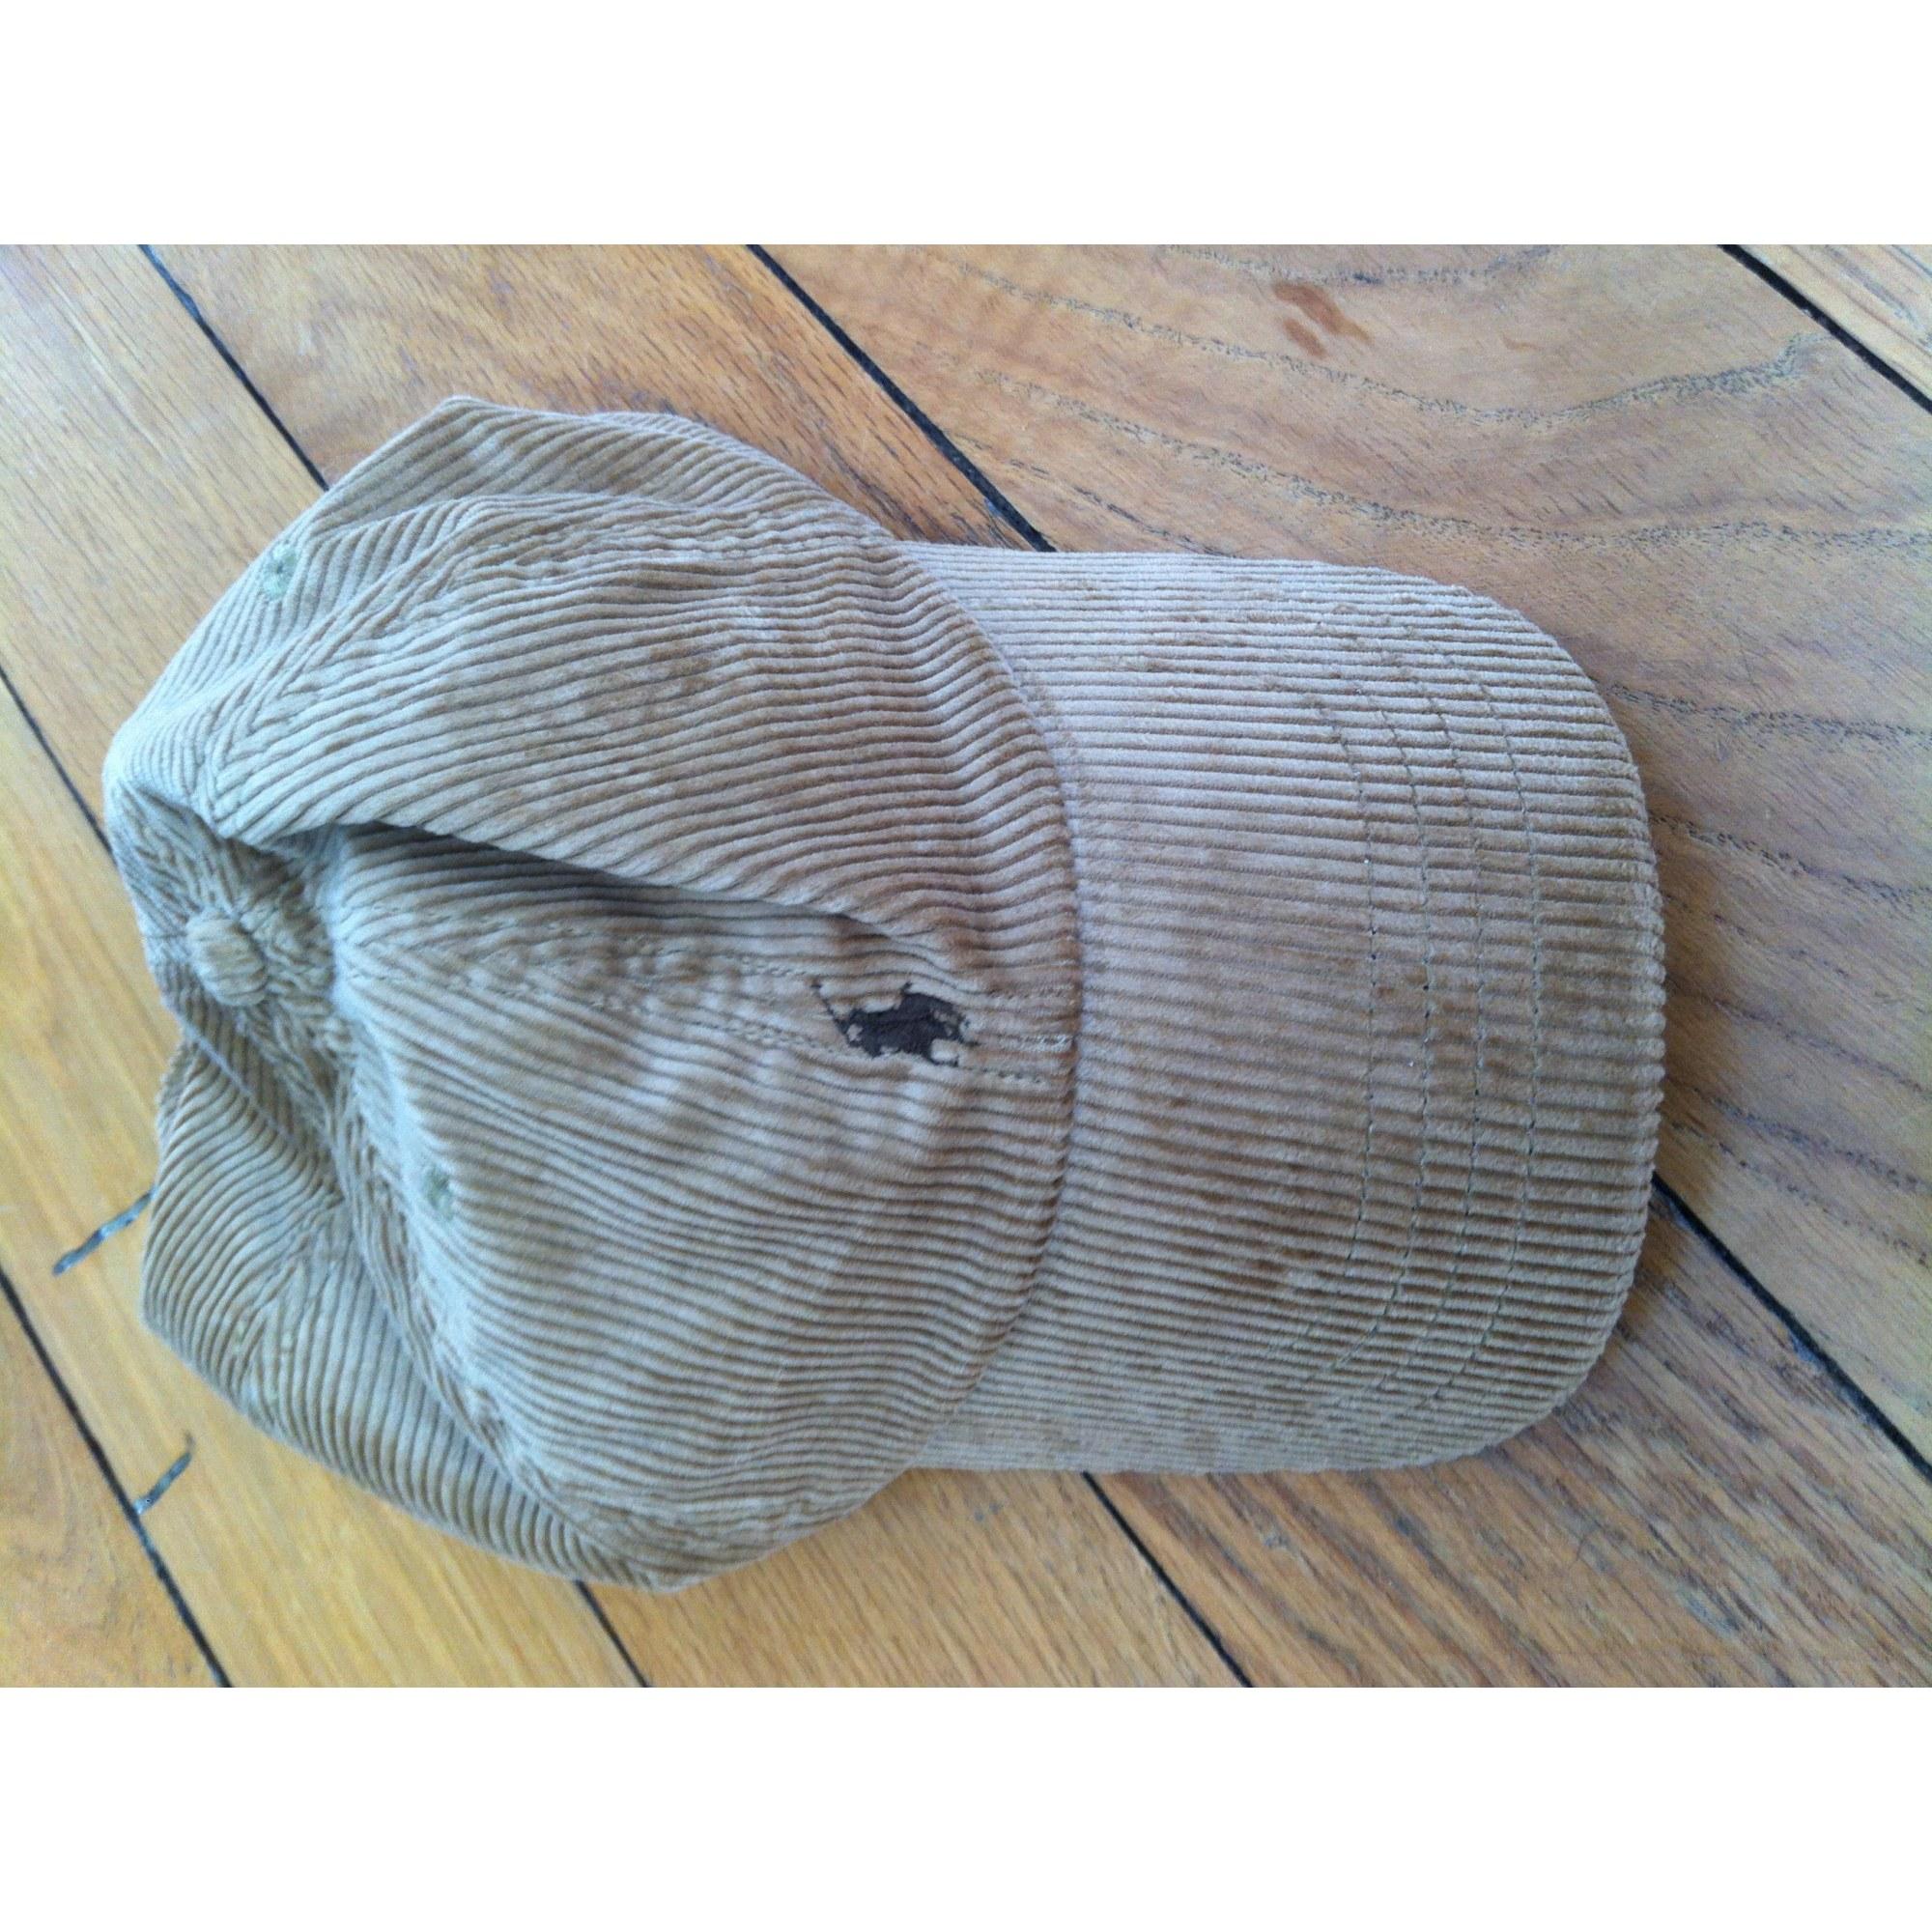 Casquette RALPH LAUREN Autre beige vendu par Do - 1788689 fb1c03e949e